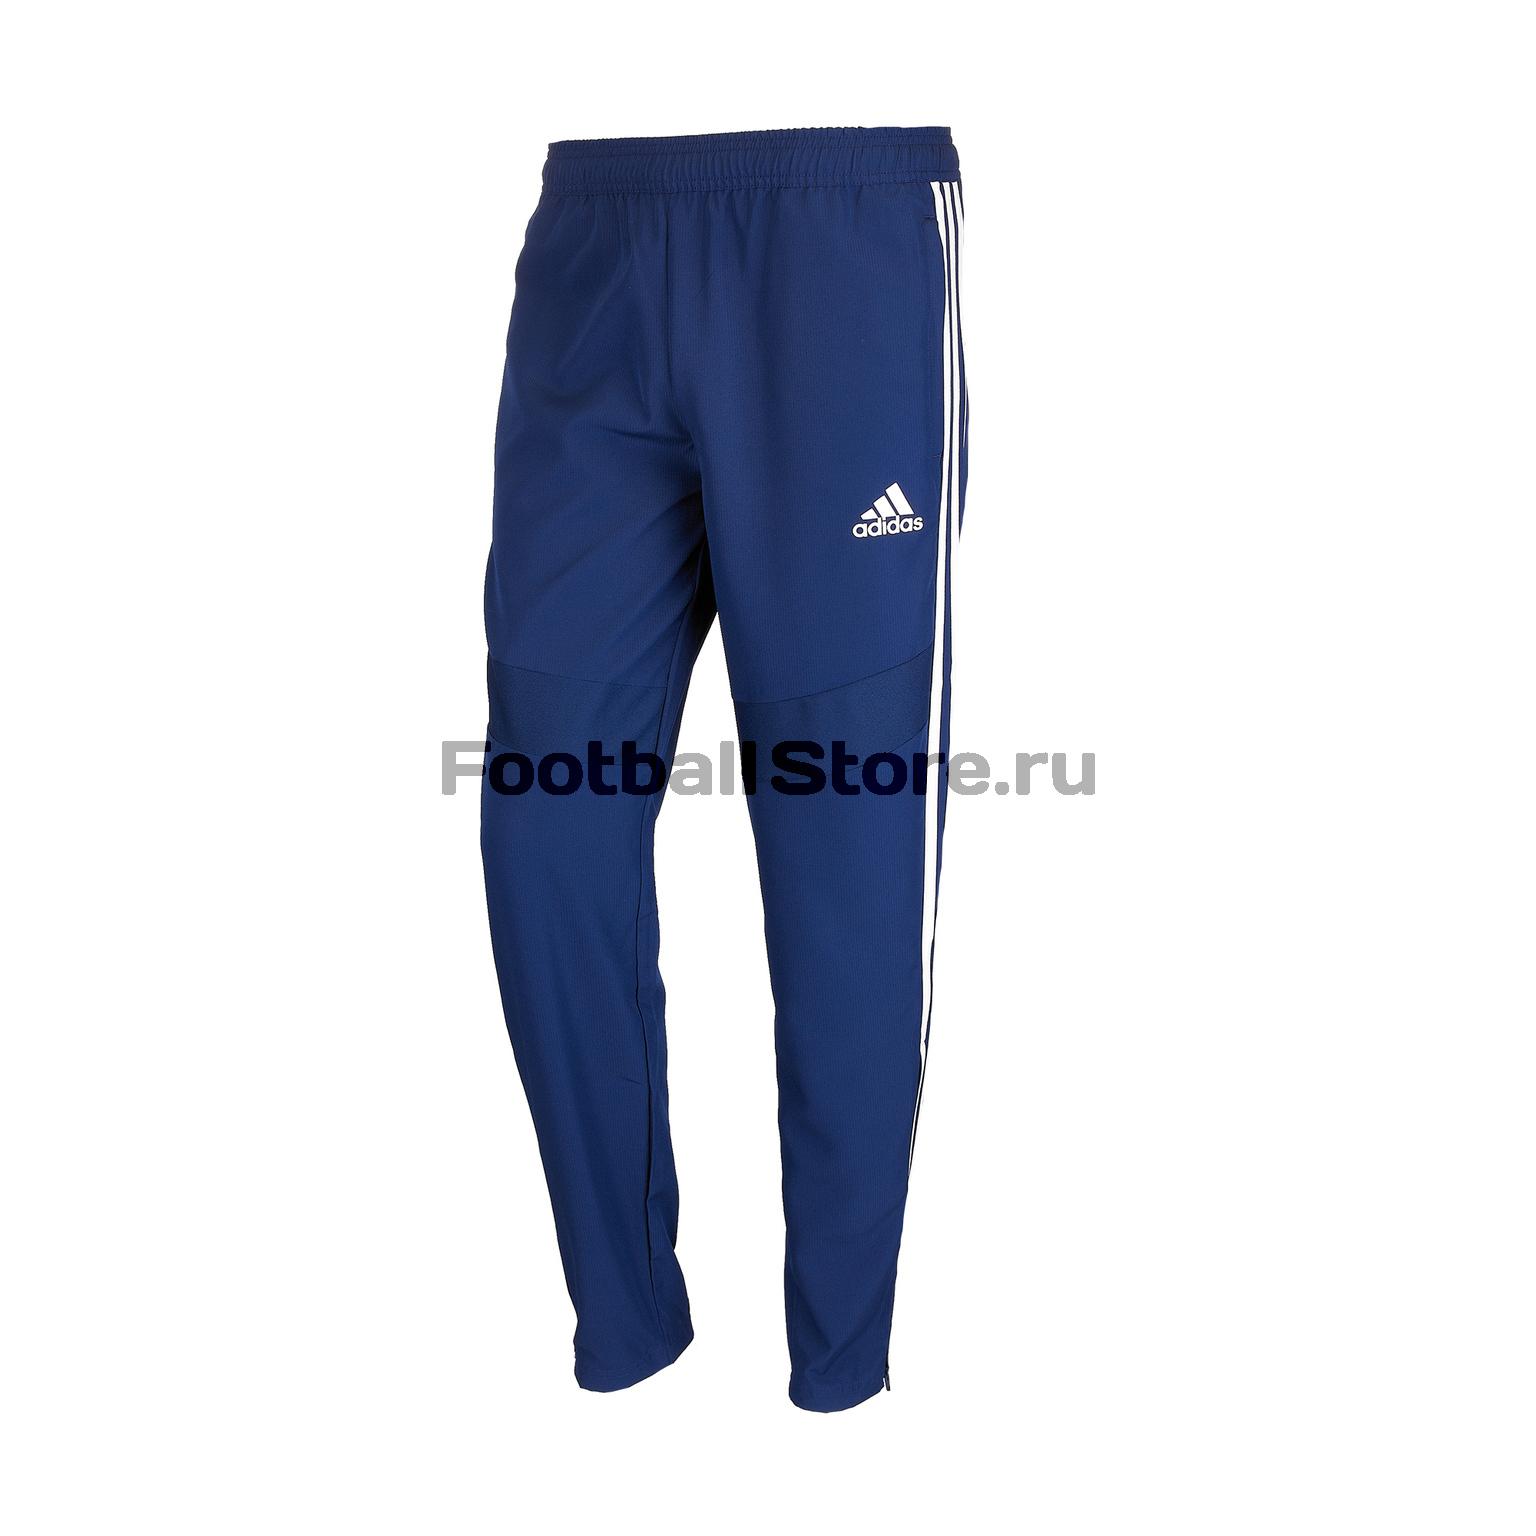 Брюки подростковые Adidas Tiro19 Woven Pant DT5781 цена